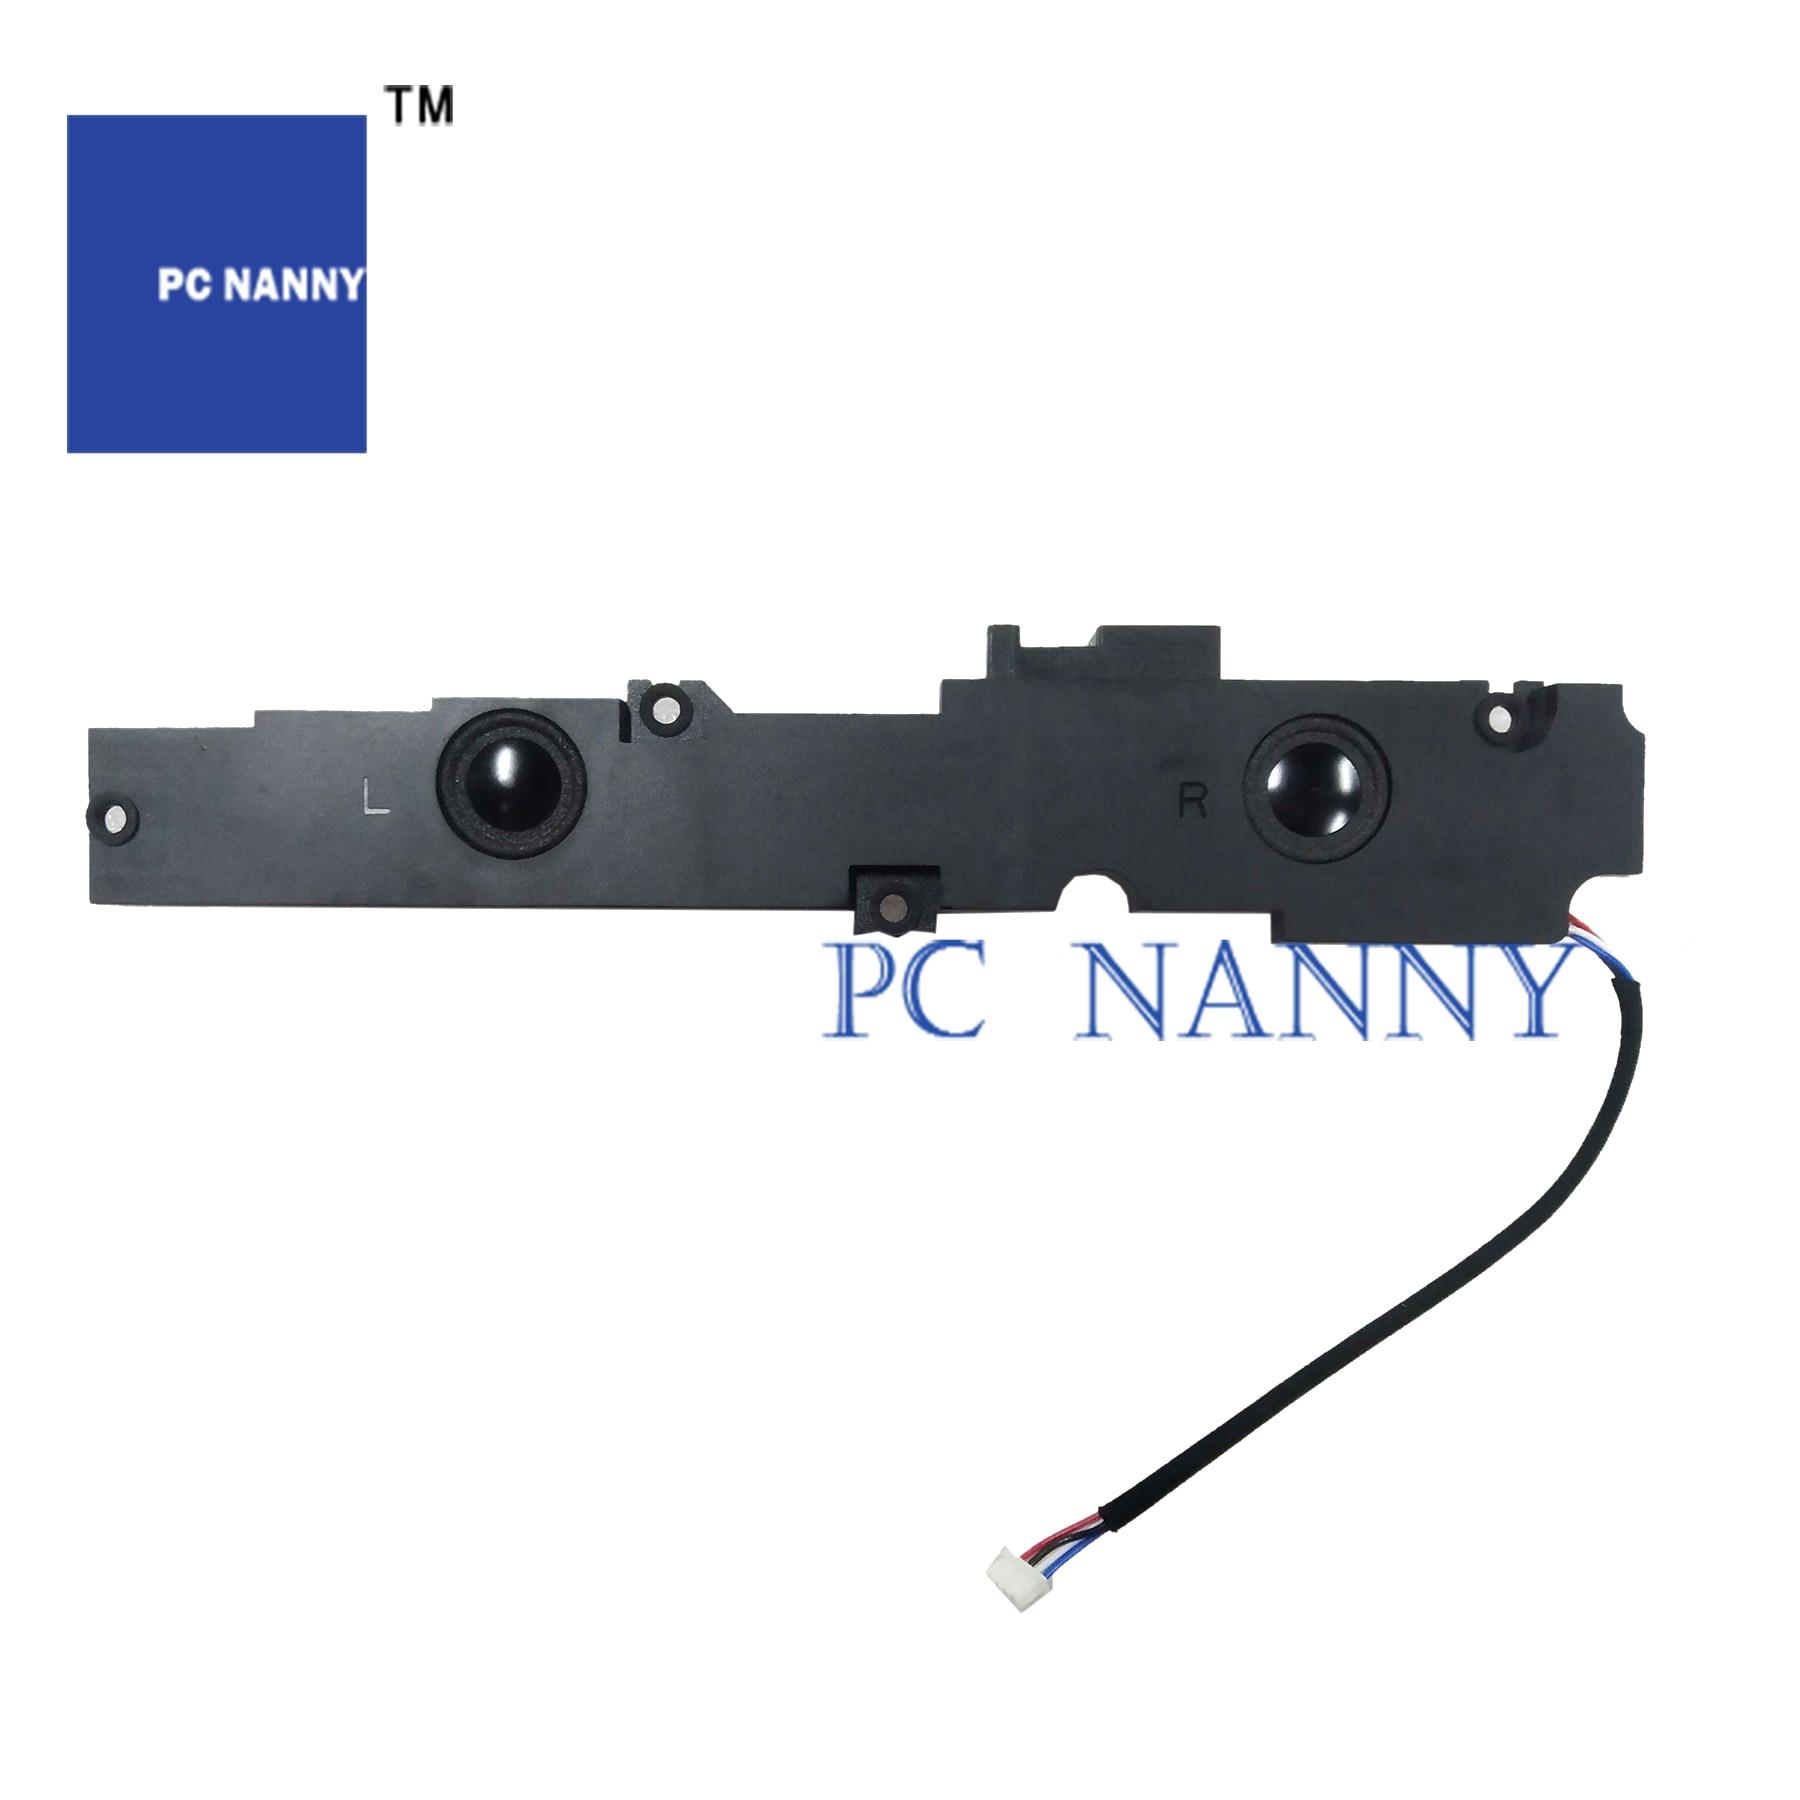 Pcnوالماني لجهاز Lenovo ThinkPad P70 P71 ، جهاز اختبار جيد 00NY334 00NY367